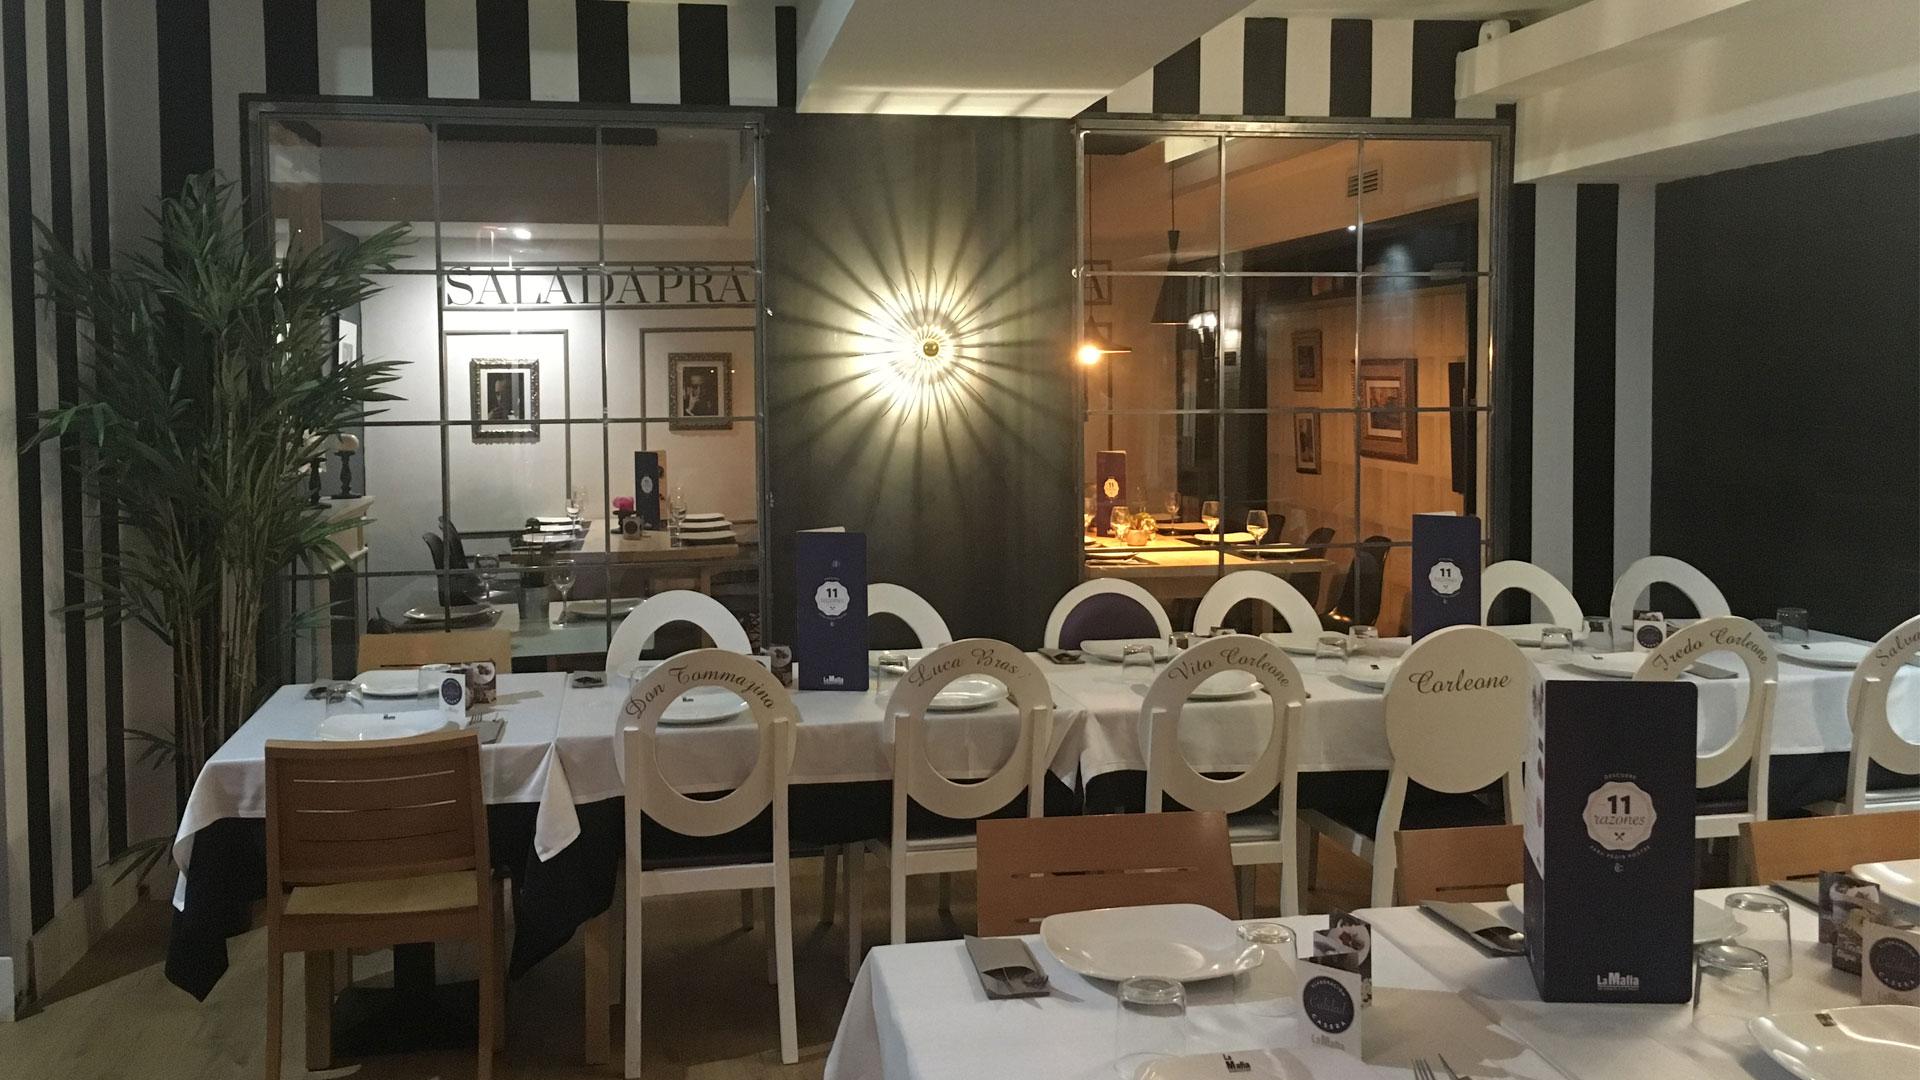 Pizza gratis pidiendo 2 platos (Zaragoza) La mafia se sienta a la mesa